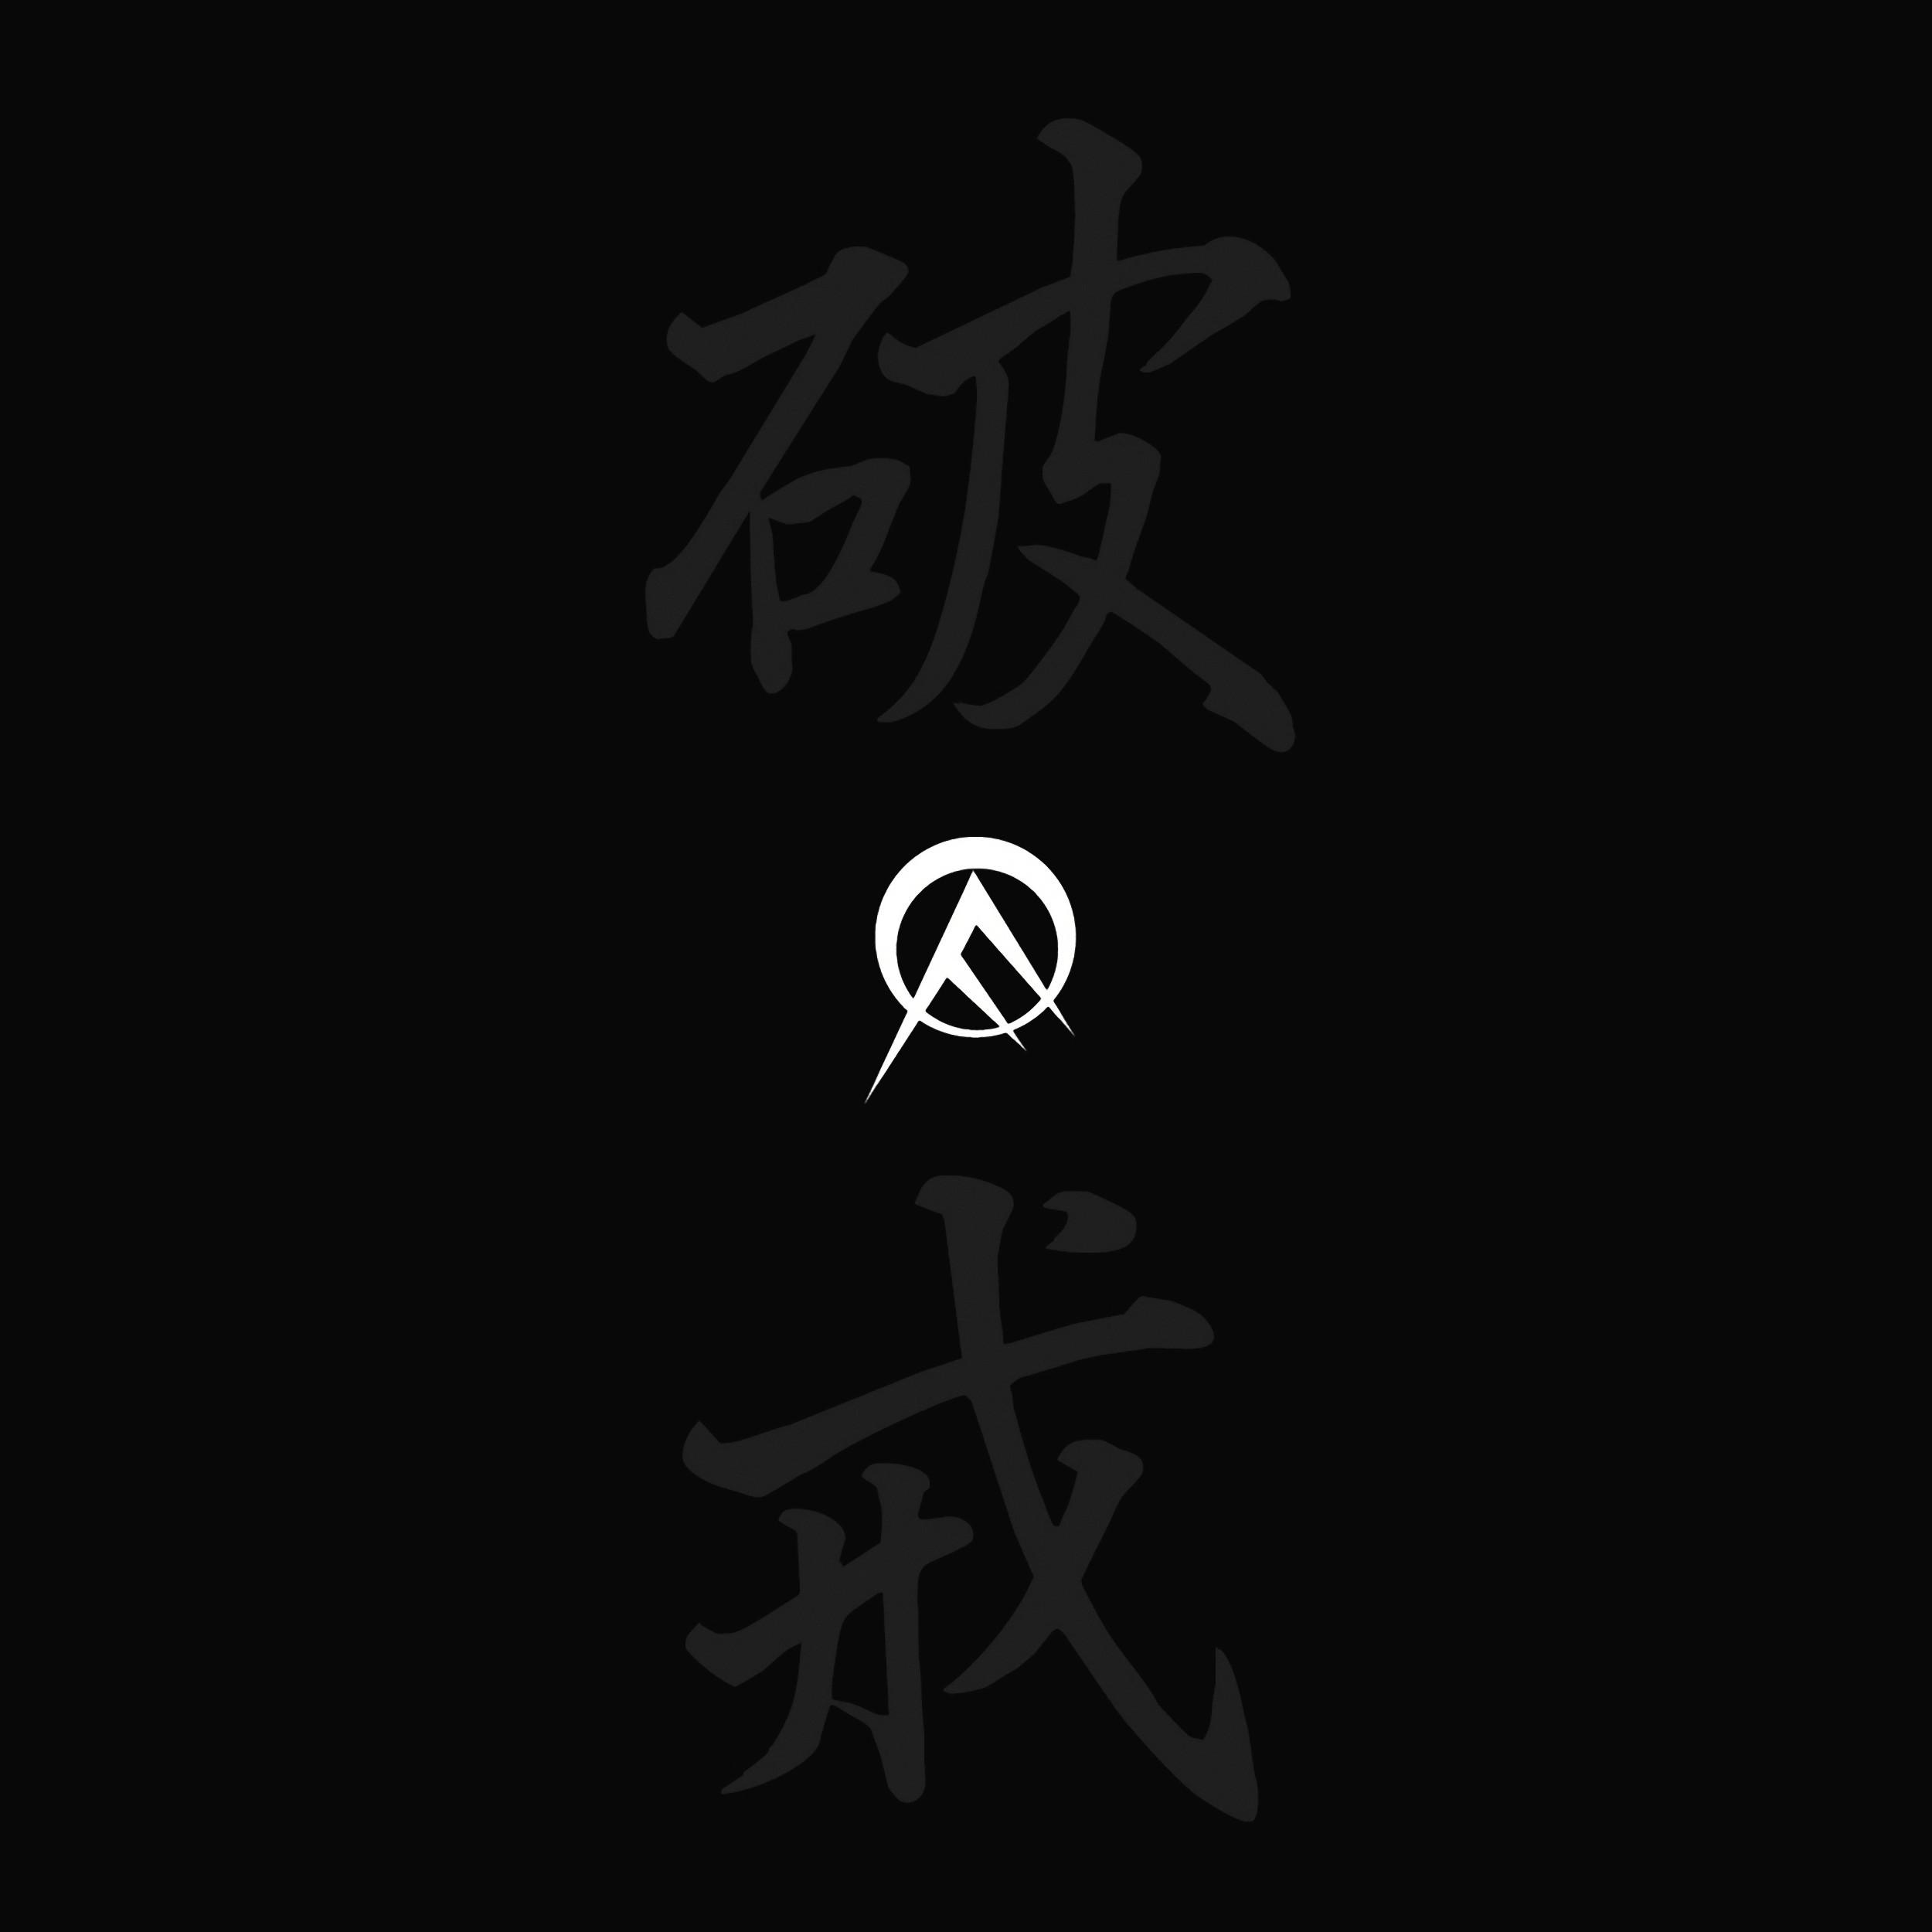 Image of オールディックフォギー名作撰 破戒篇 / OLEDICKFOGGY